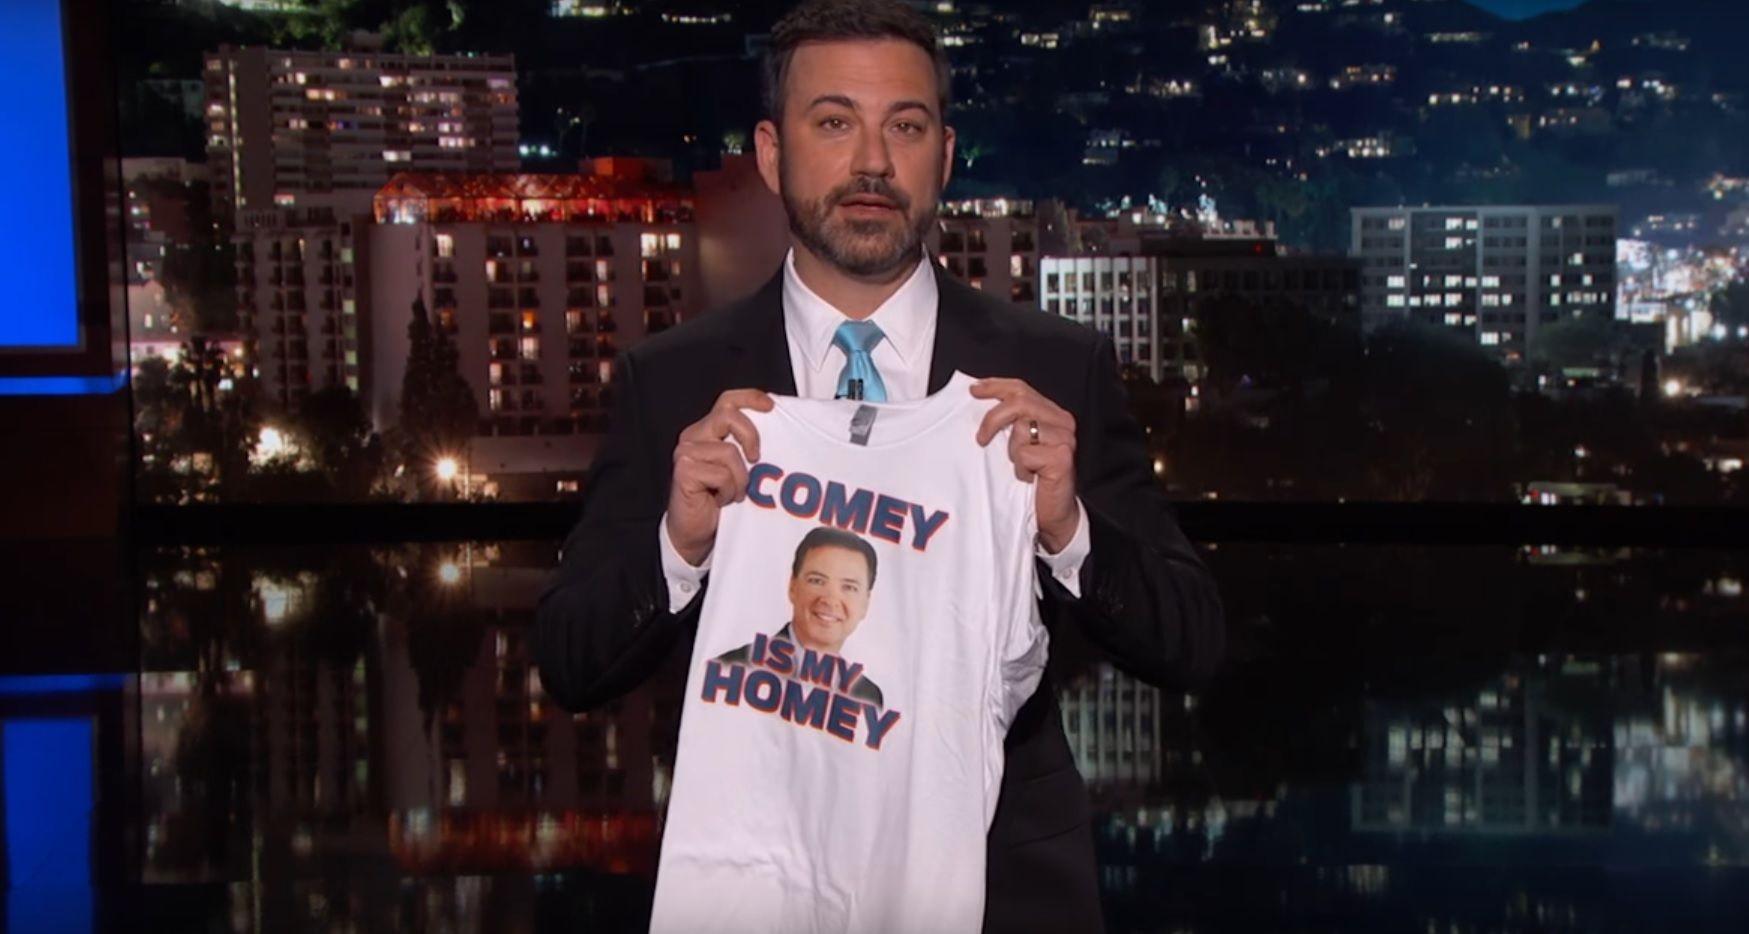 Jimmy Kimmel on Comey